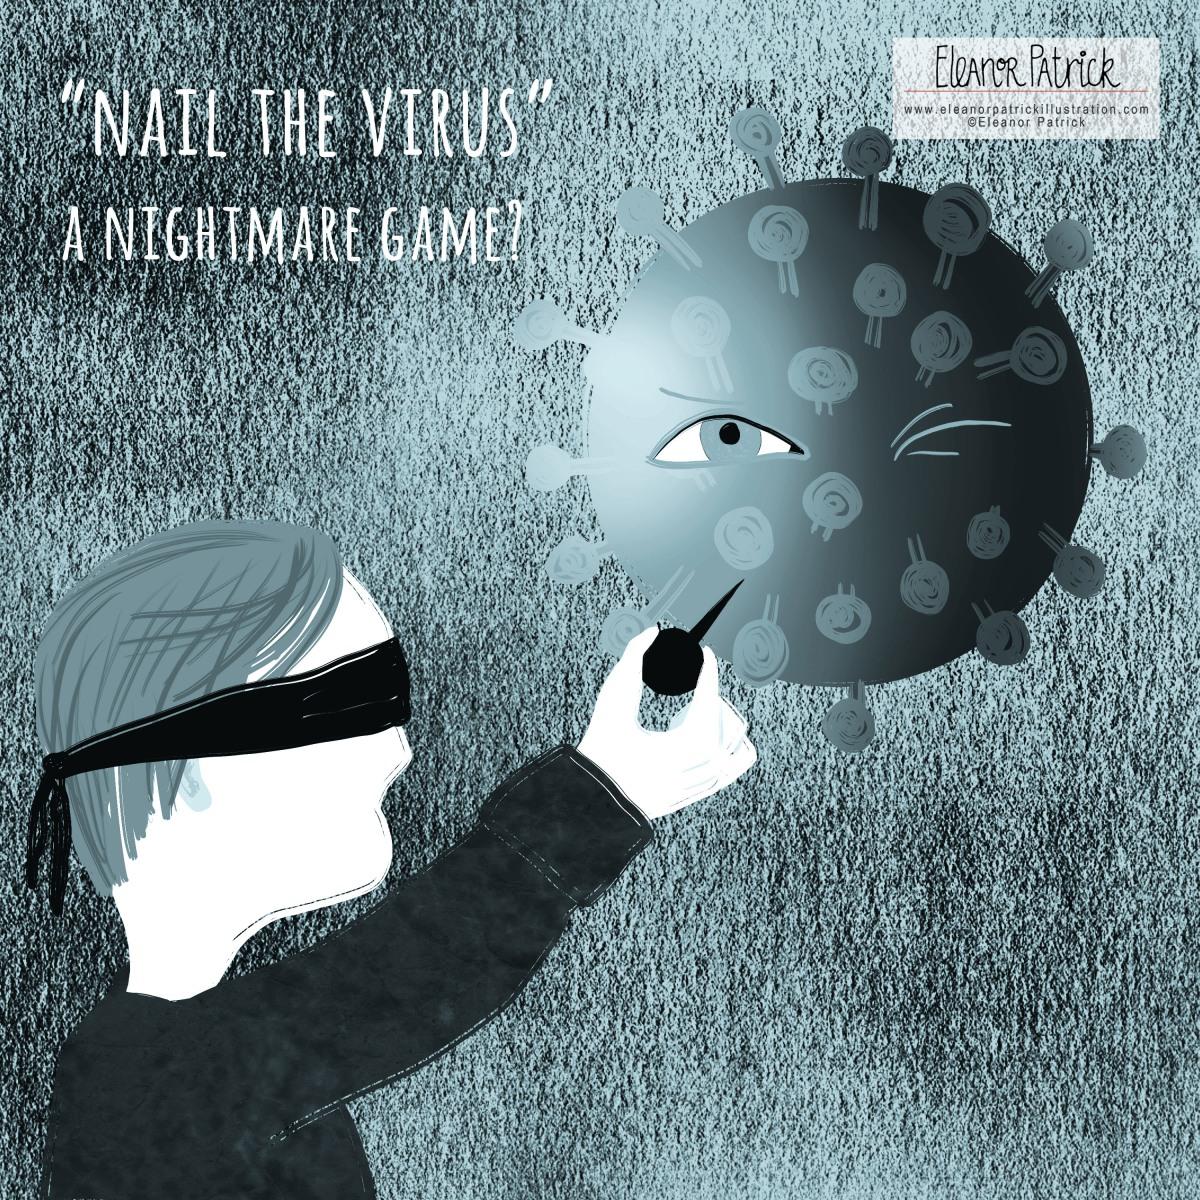 editorial nail the virus